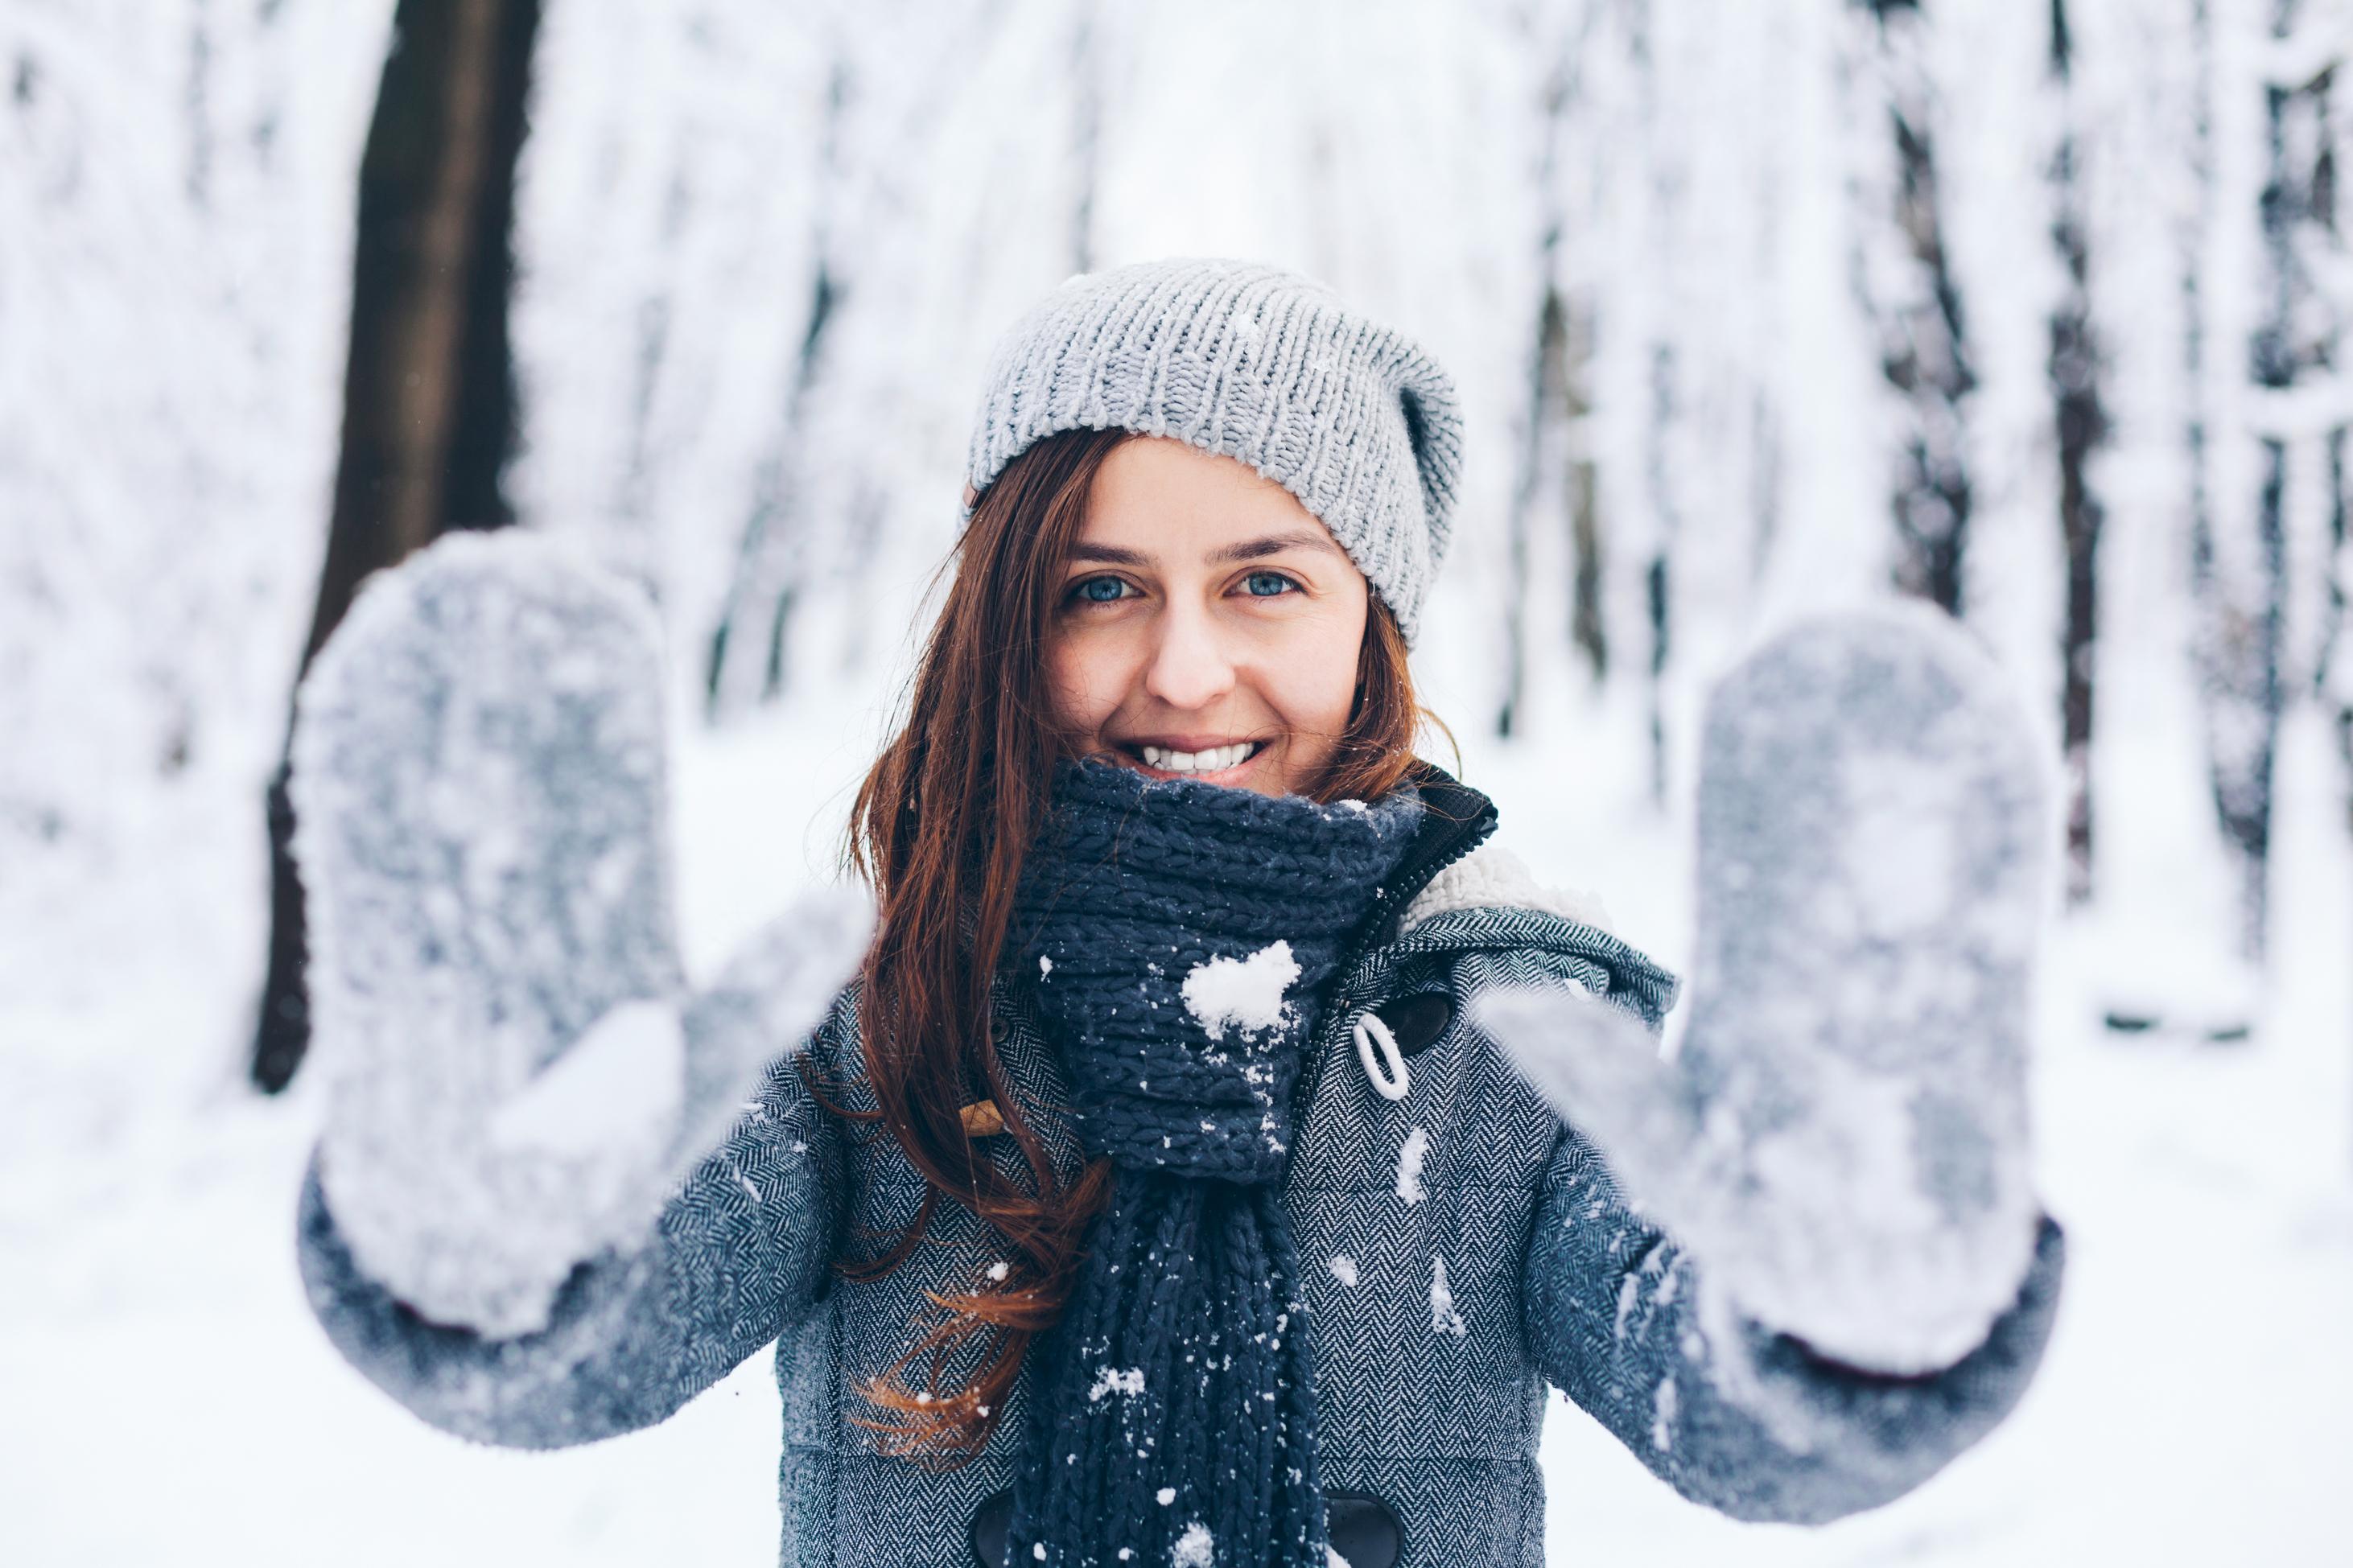 Mujer con gorro y guantes jugando con la nieve